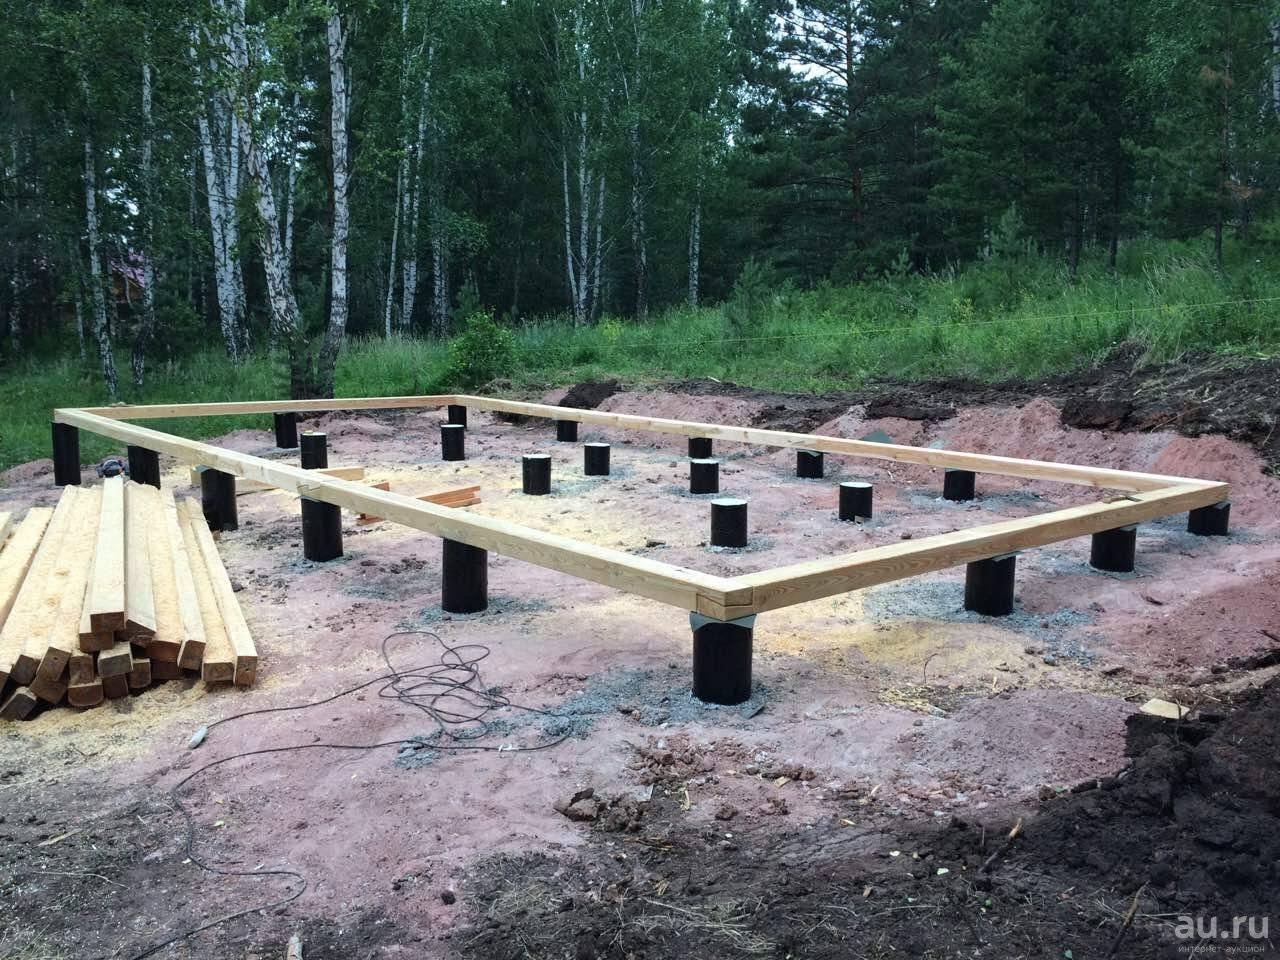 Правила строительства свайного фундамента под баню